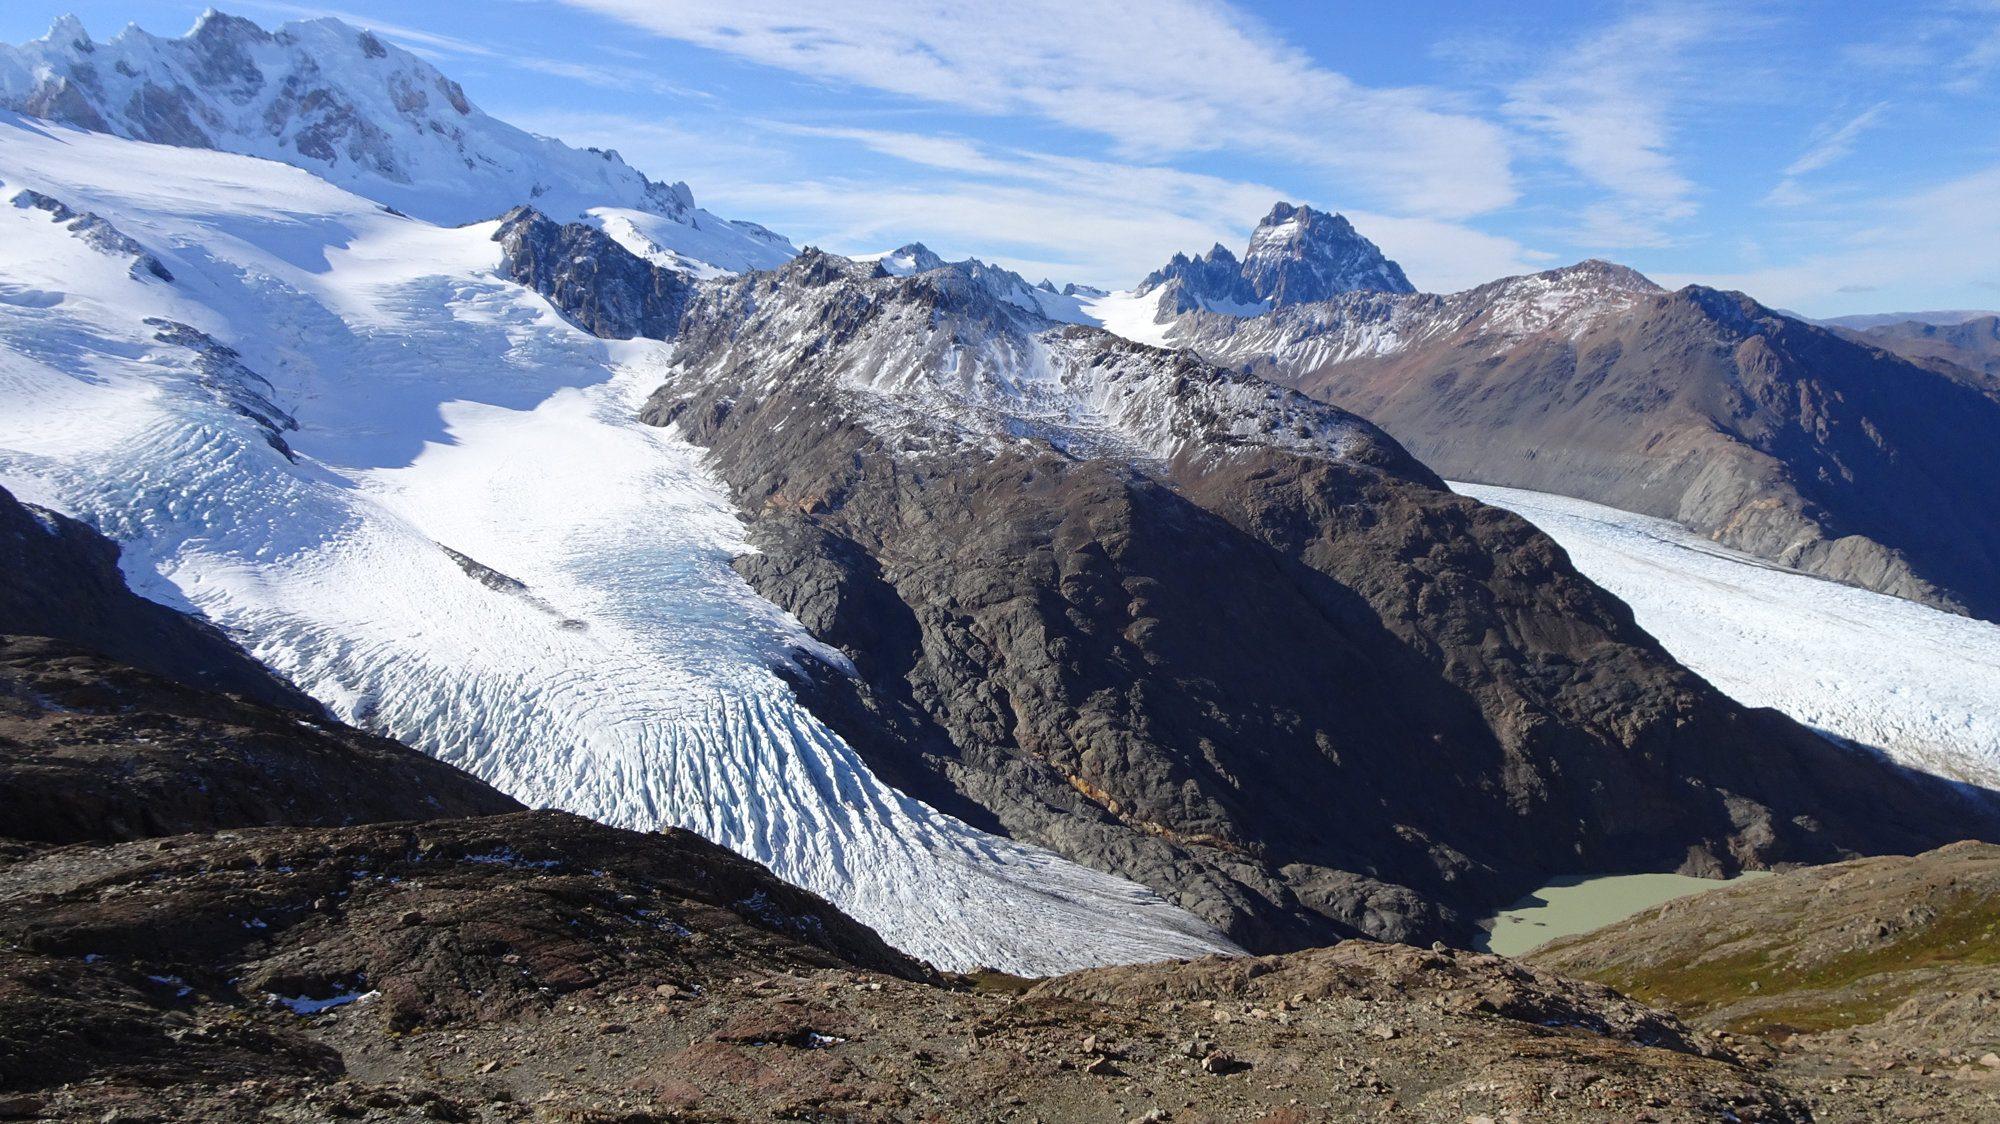 Río Túnel Inferior und Superior auf einen Blick, Huemul Circuit, El Chaltén, Patagonien, Argentinien, Wanderung, Trekking